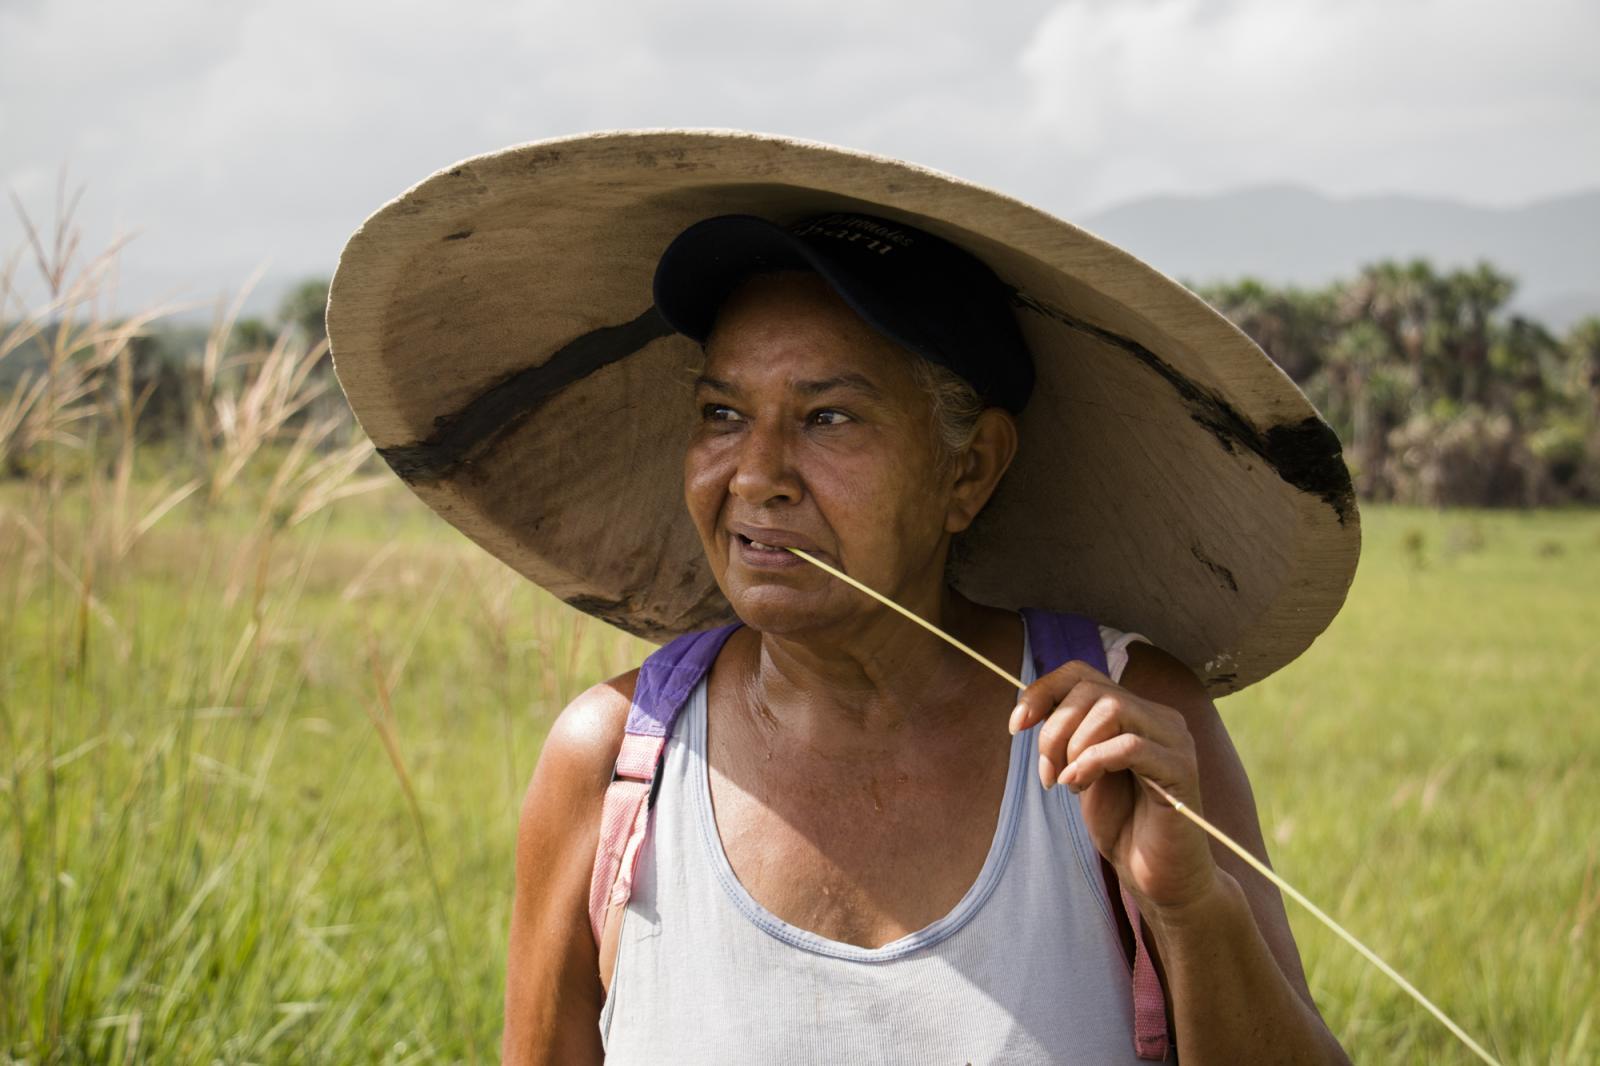 Luisa Girón, una minera de 62 años, camino a una veta en Ikabarú, estado Bolívar, el 4 de junio de 2016. Luisa estudió y vivió en Caracas por muchos años, pero regresó a su pueblo natal y se dedicó a ser palera, nombre que se le da las mujeres dedicadas a la minería artesanal. Tiene dos hijas, una en Tenerife, España, y la otra en El Callao, un pueblo a 195 kilómetros. Luisa es de una familia de 14 hermanos en la que todos son mineros.